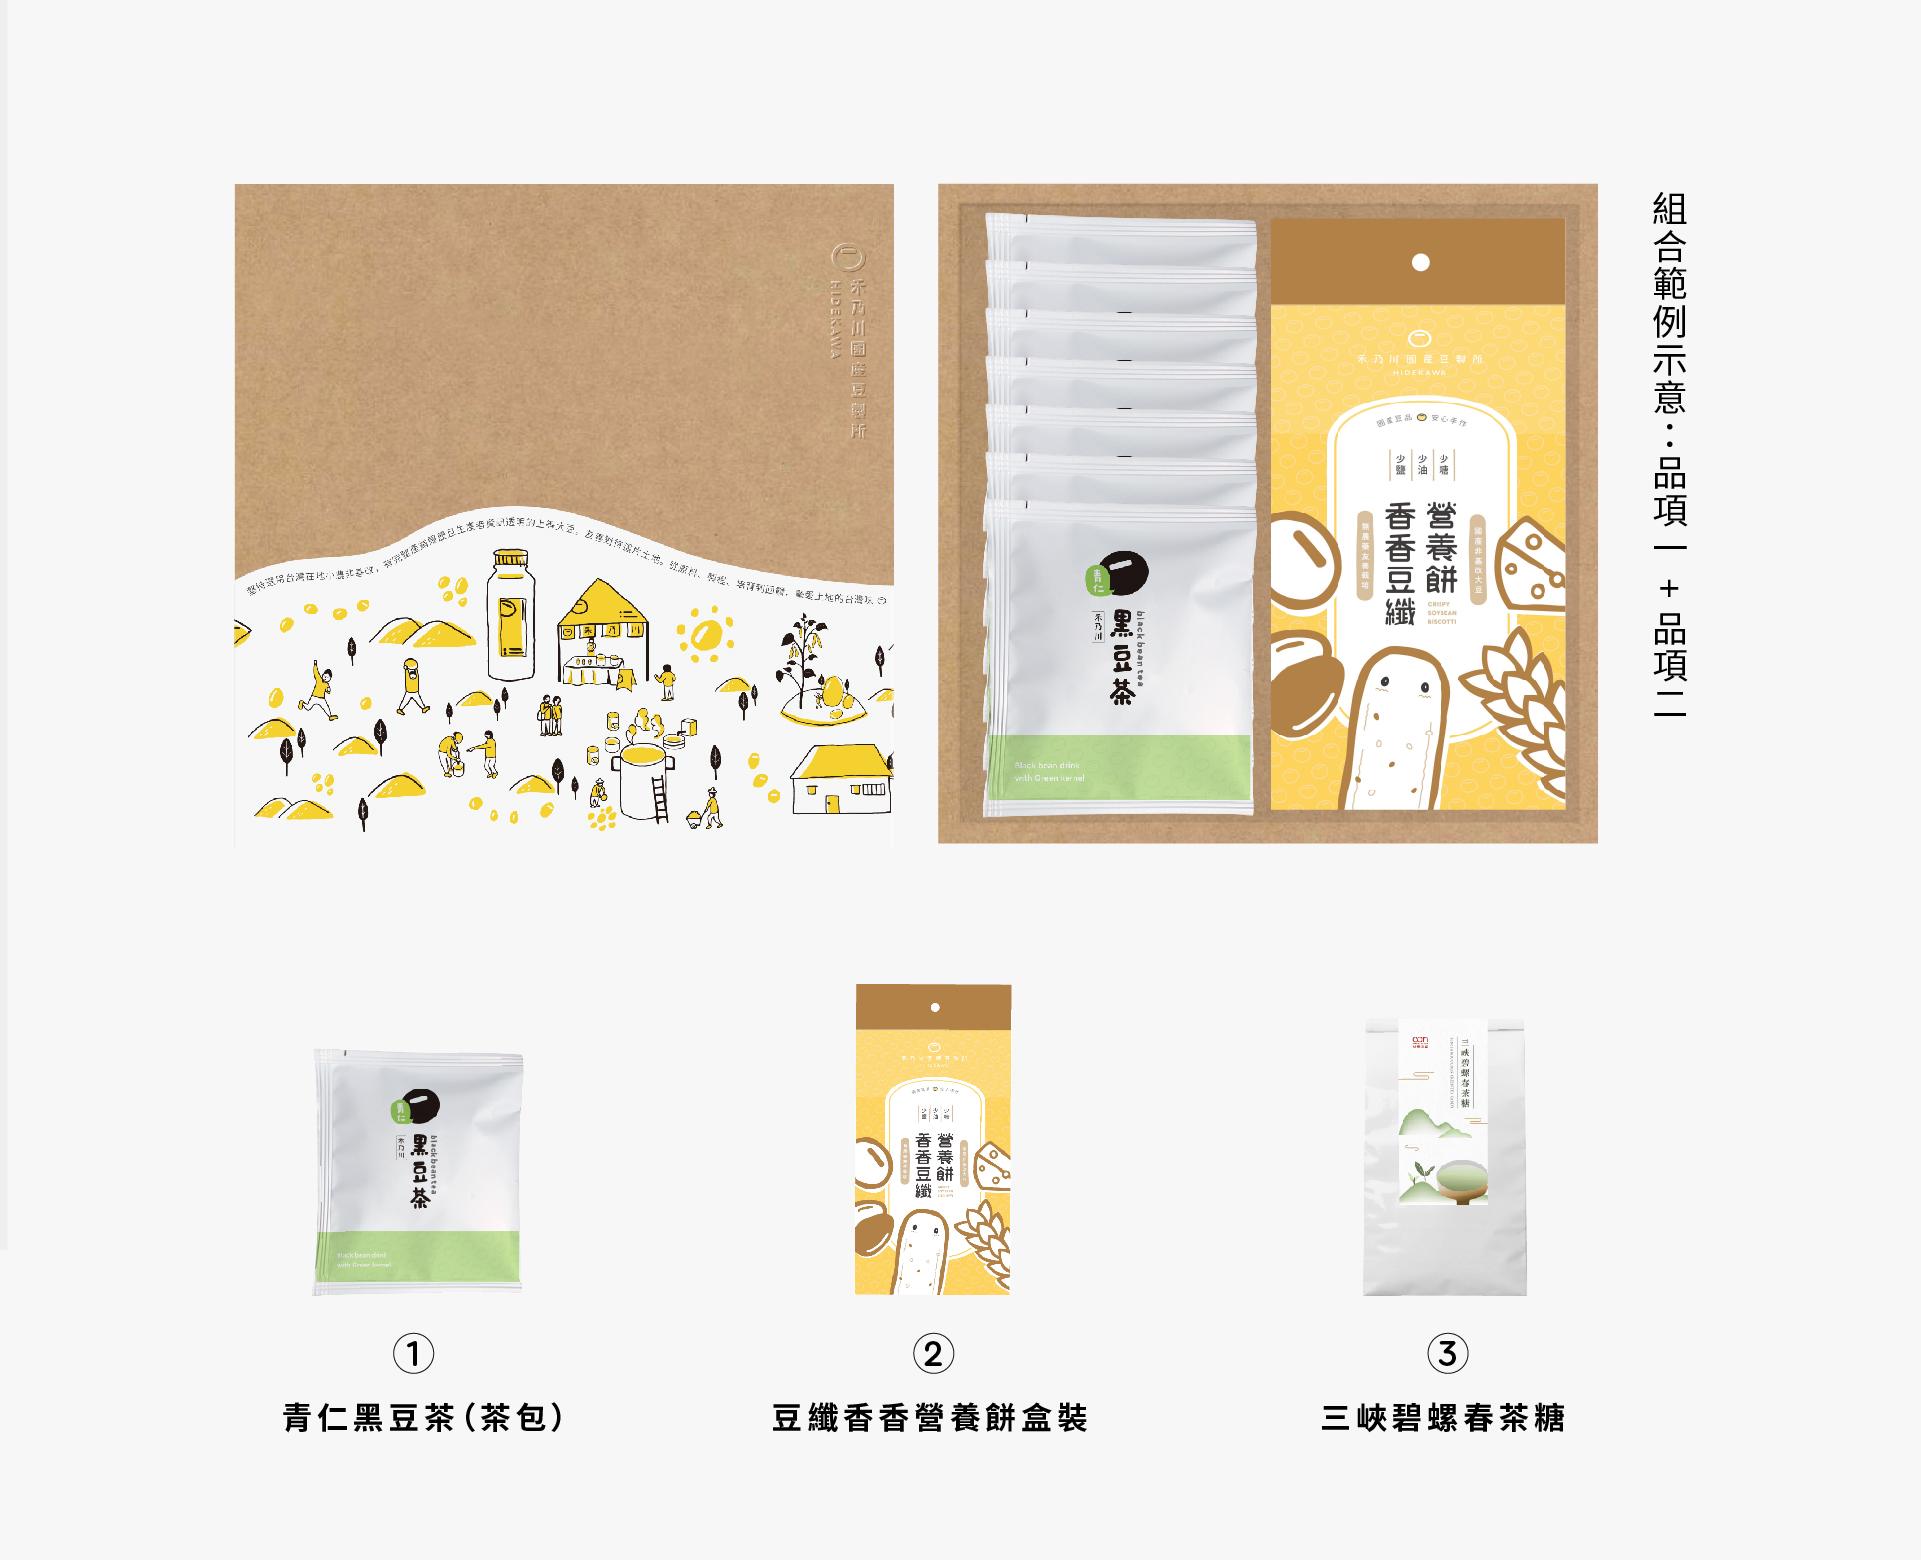 禾乃川禮盒官網_內容-06.jpg